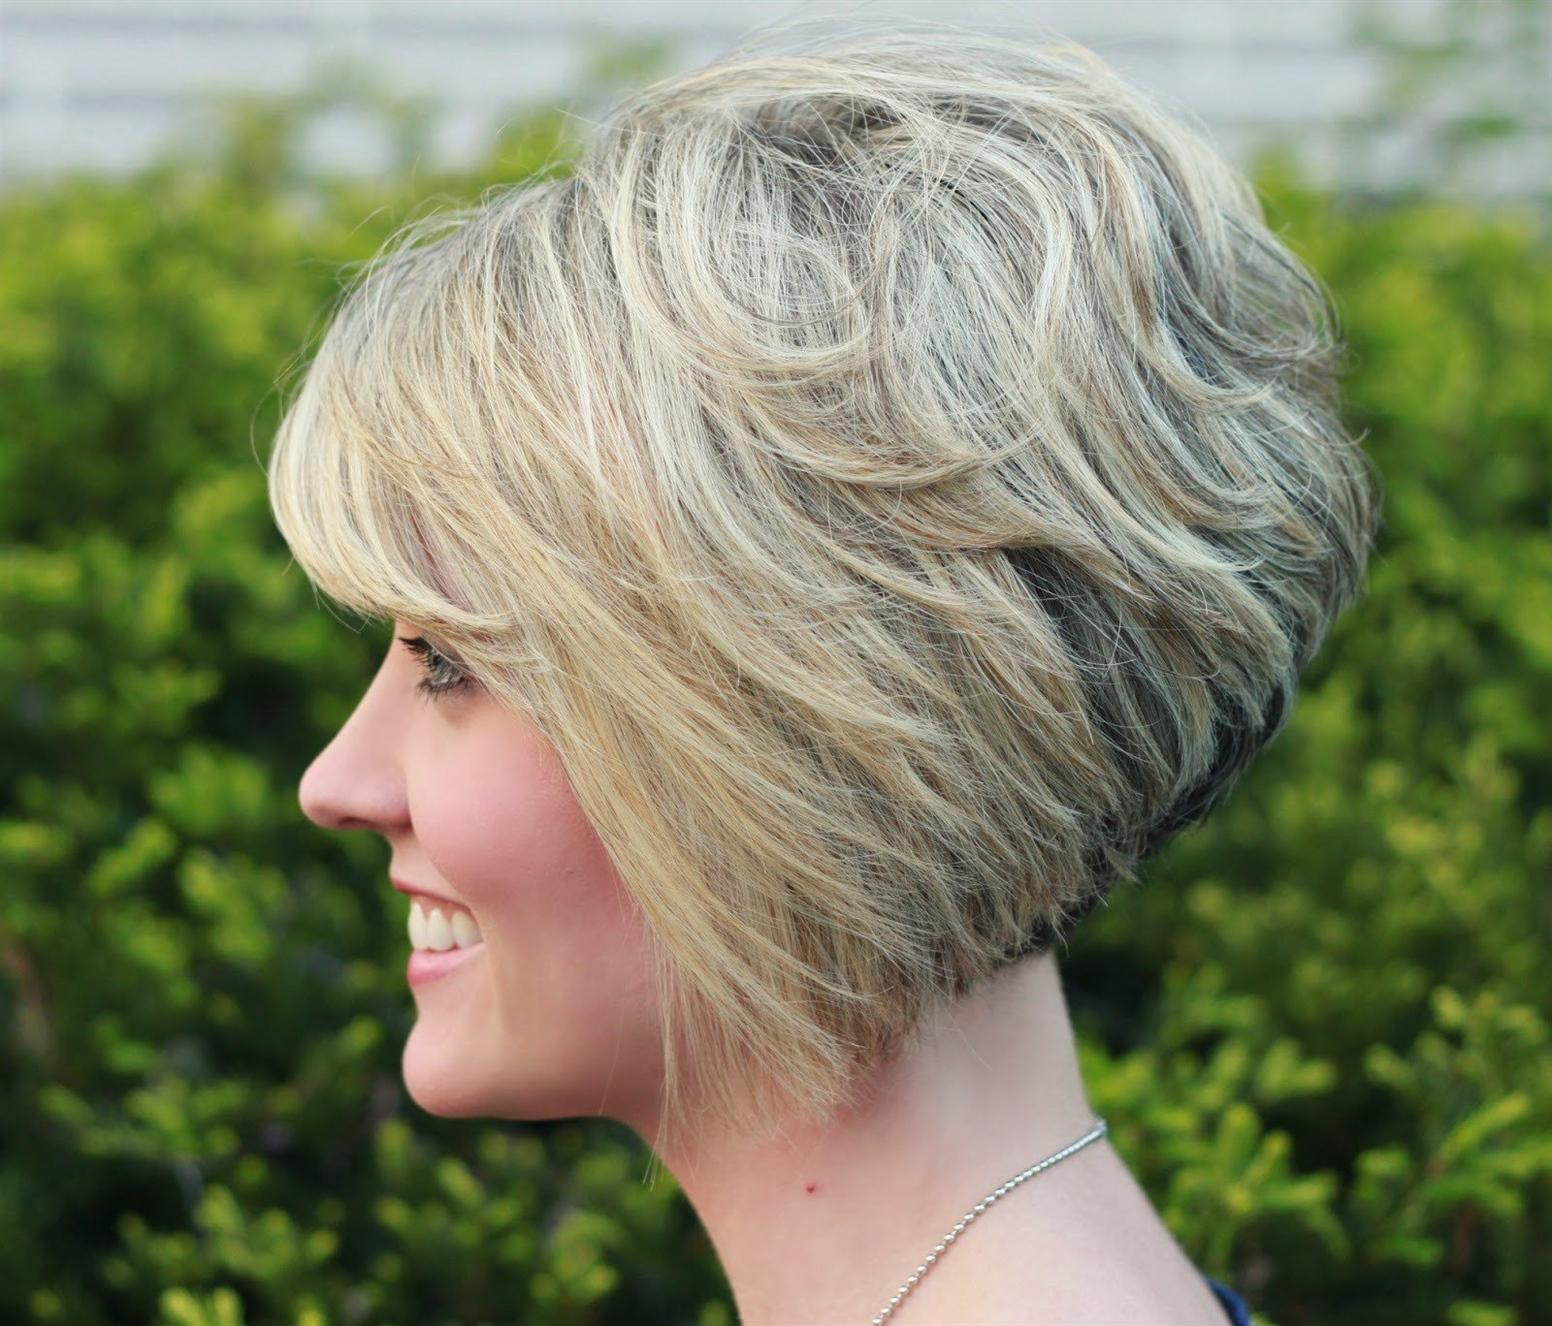 Frisuren Bob Stufig Geschnitten Diejenigen mit kurzen Haaren werden definitiv einen Bobschnitt lieben. Sie ist modisch, mutig und wird Sie sicherlich nicht ohne die Aufmerksamkeit anderer verlassen. Beachten Sie jedoch, dass es in diesem Fall äußerst wichtig ist, sich auf die Gesichtszüge zu konzentrieren. Schließlich sollte das Bild als Ganzes harmonisch aussehen. Bei der Erstellung einer solchen Frisur implementiert der Meister einen Bob auf Kosten der Überlagerung. Dank dieser Technik ist der Haarschnitt für jede Haardichte geeignet. Dies ist ein bedeutender Vorteil für viele Mädchen. Außerdem wachsen die Haare so nach, dass die Frisur attraktiv bleibt. Das heißt, ein kurzer Bob wird allmählich mittelgroß, ohne dass ein Aufwand für die Pflege und das Schneiden erforderlich ist.